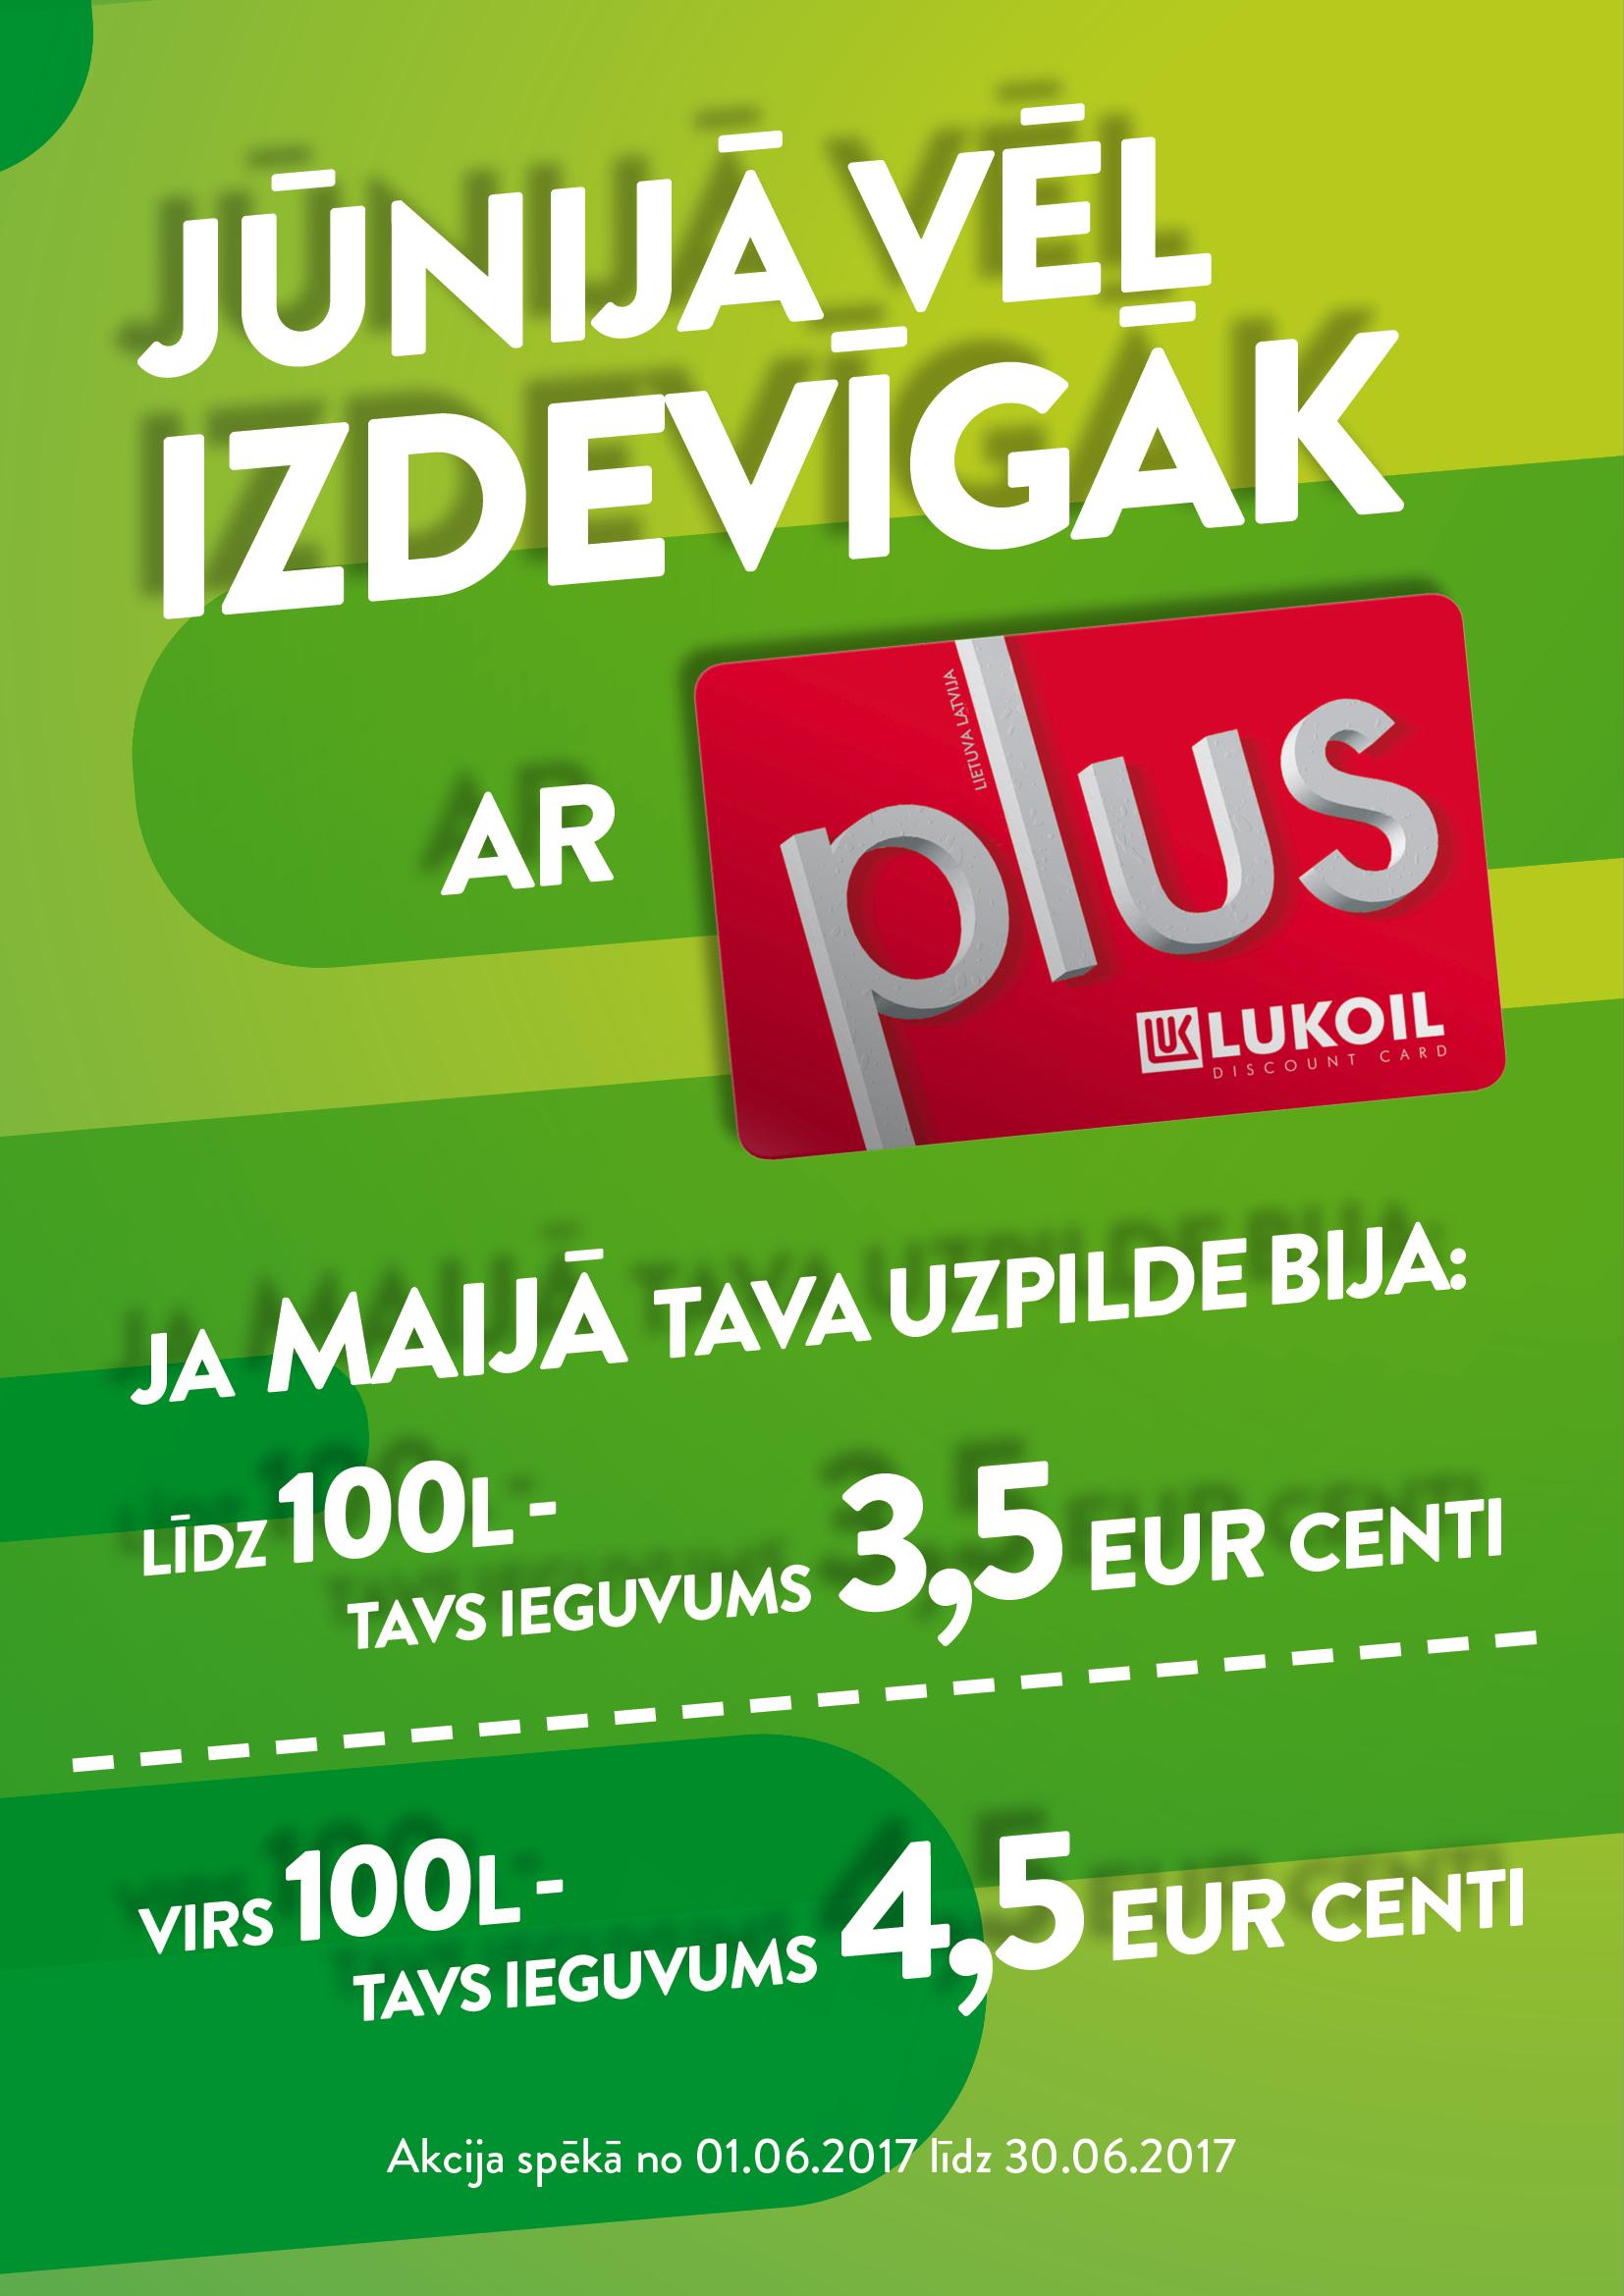 a4-6euro-centi_new